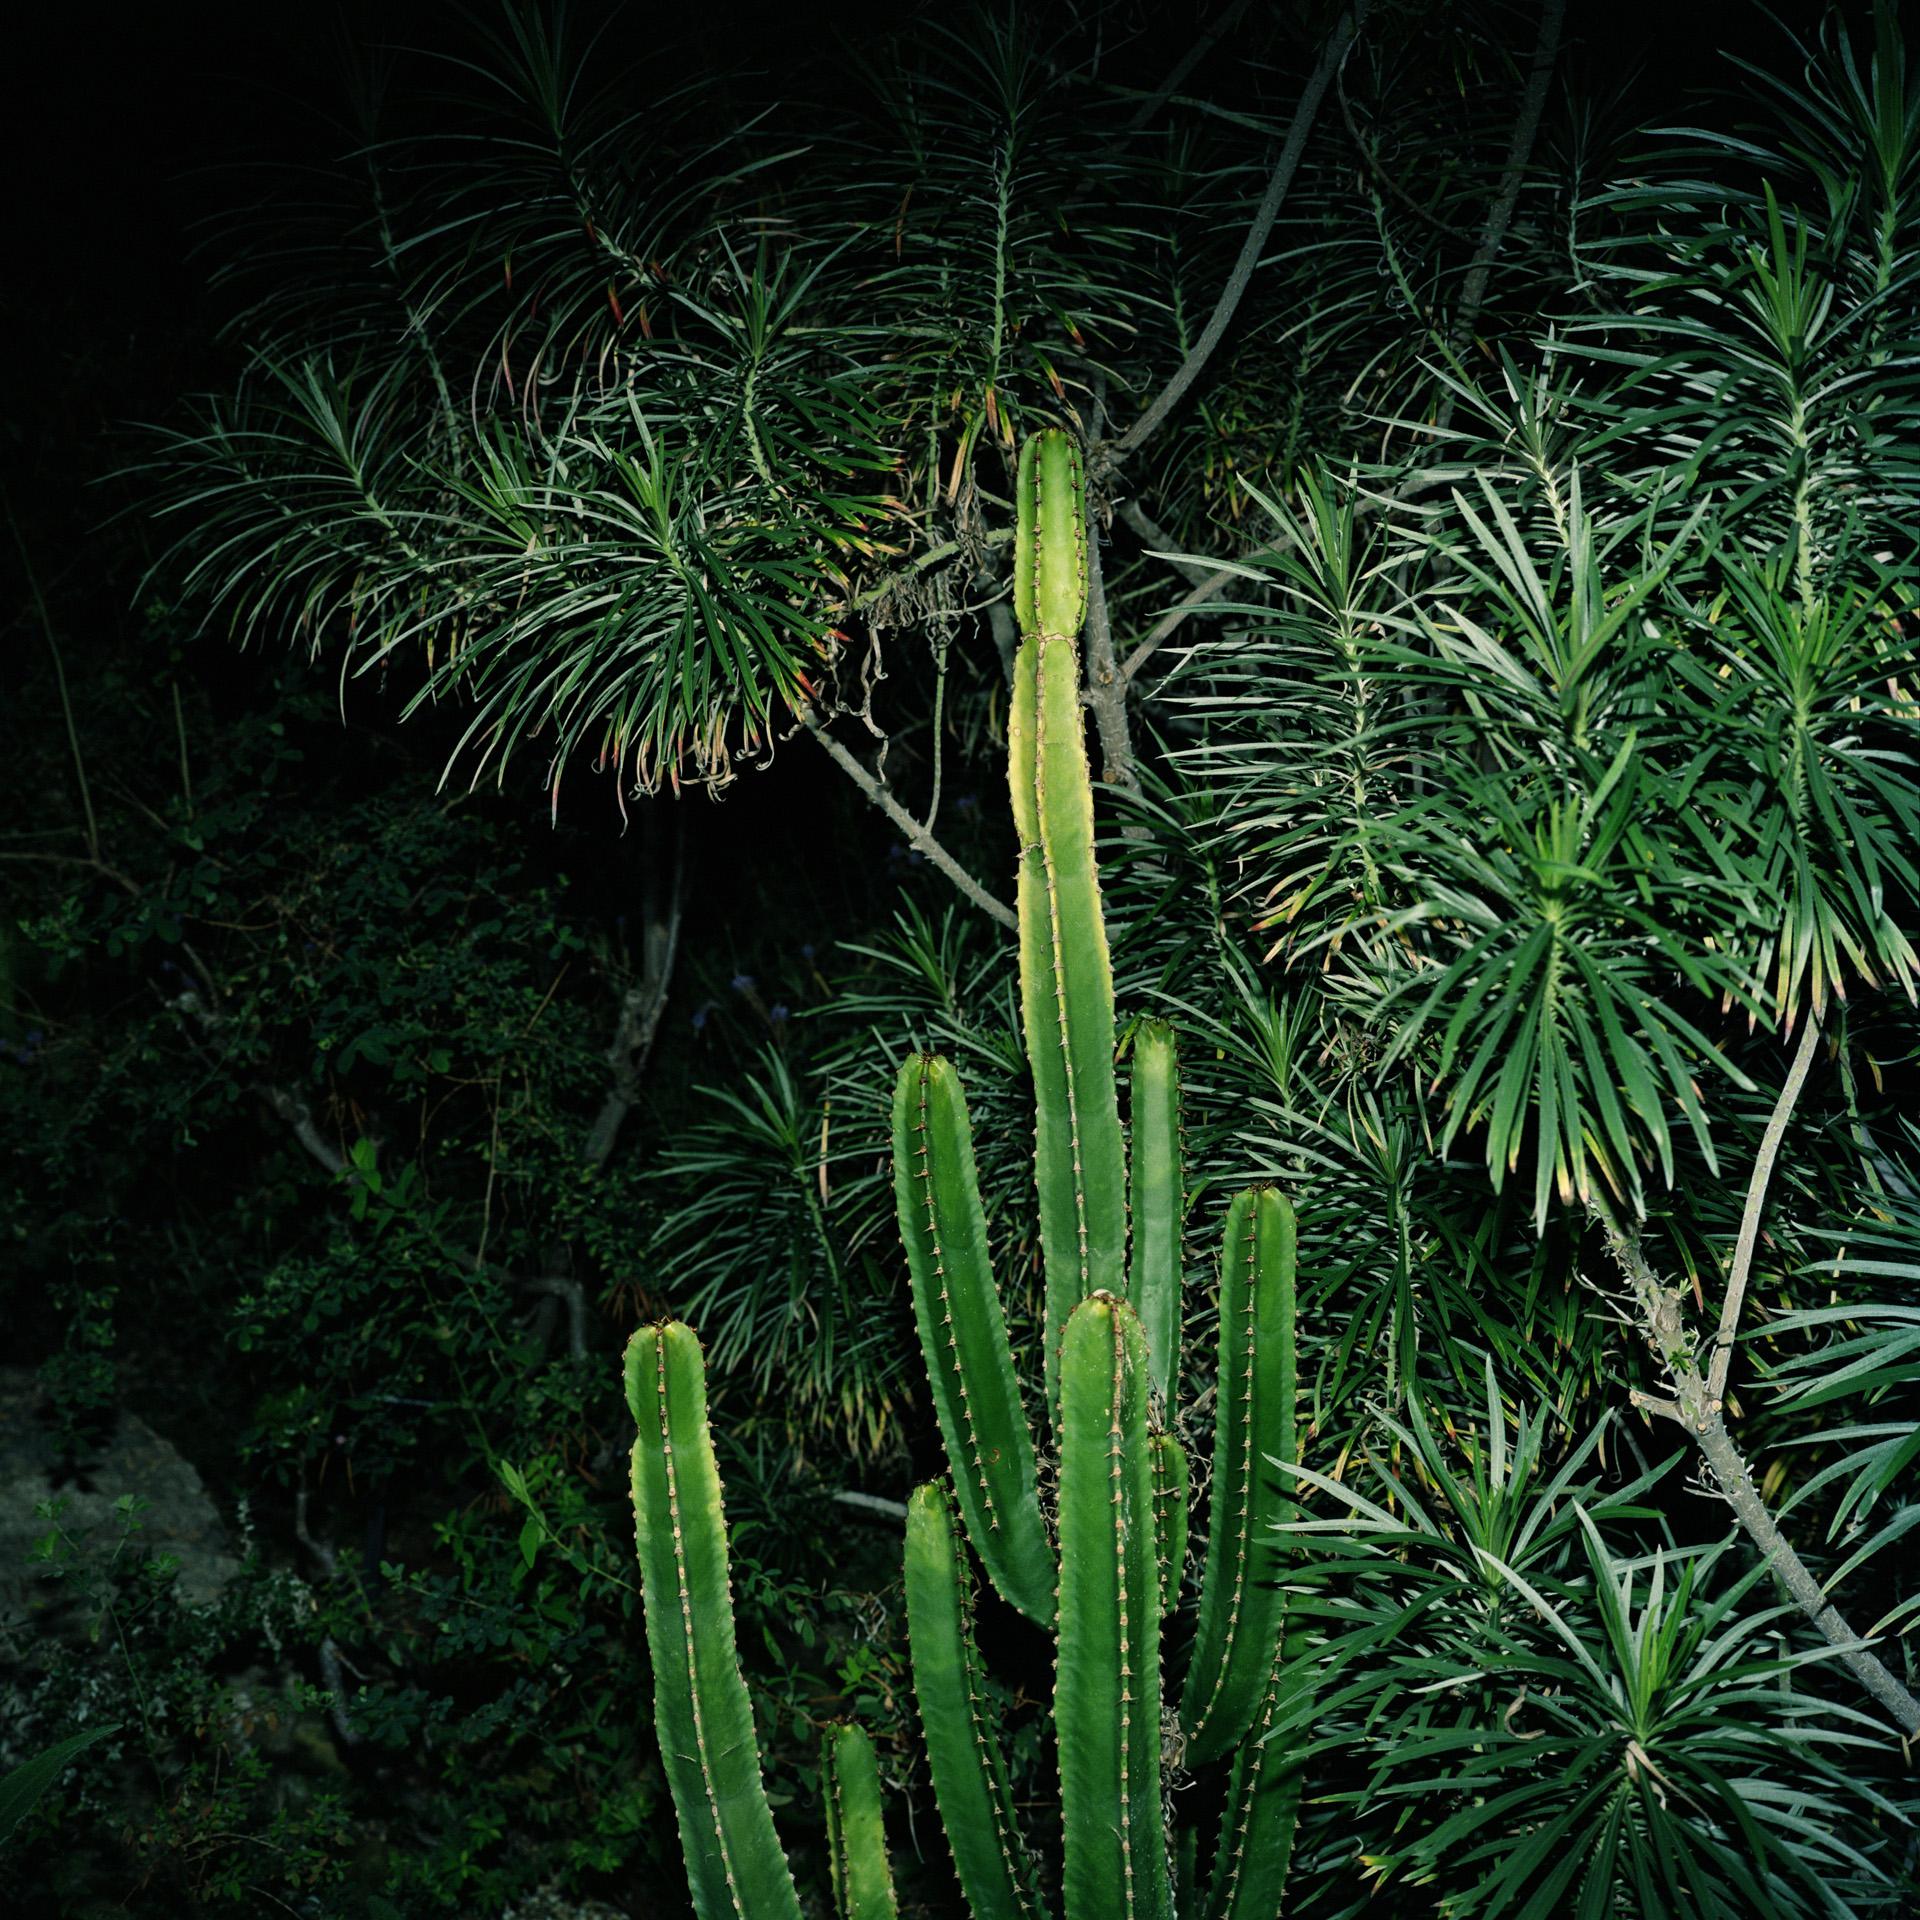 Night Cactus 052